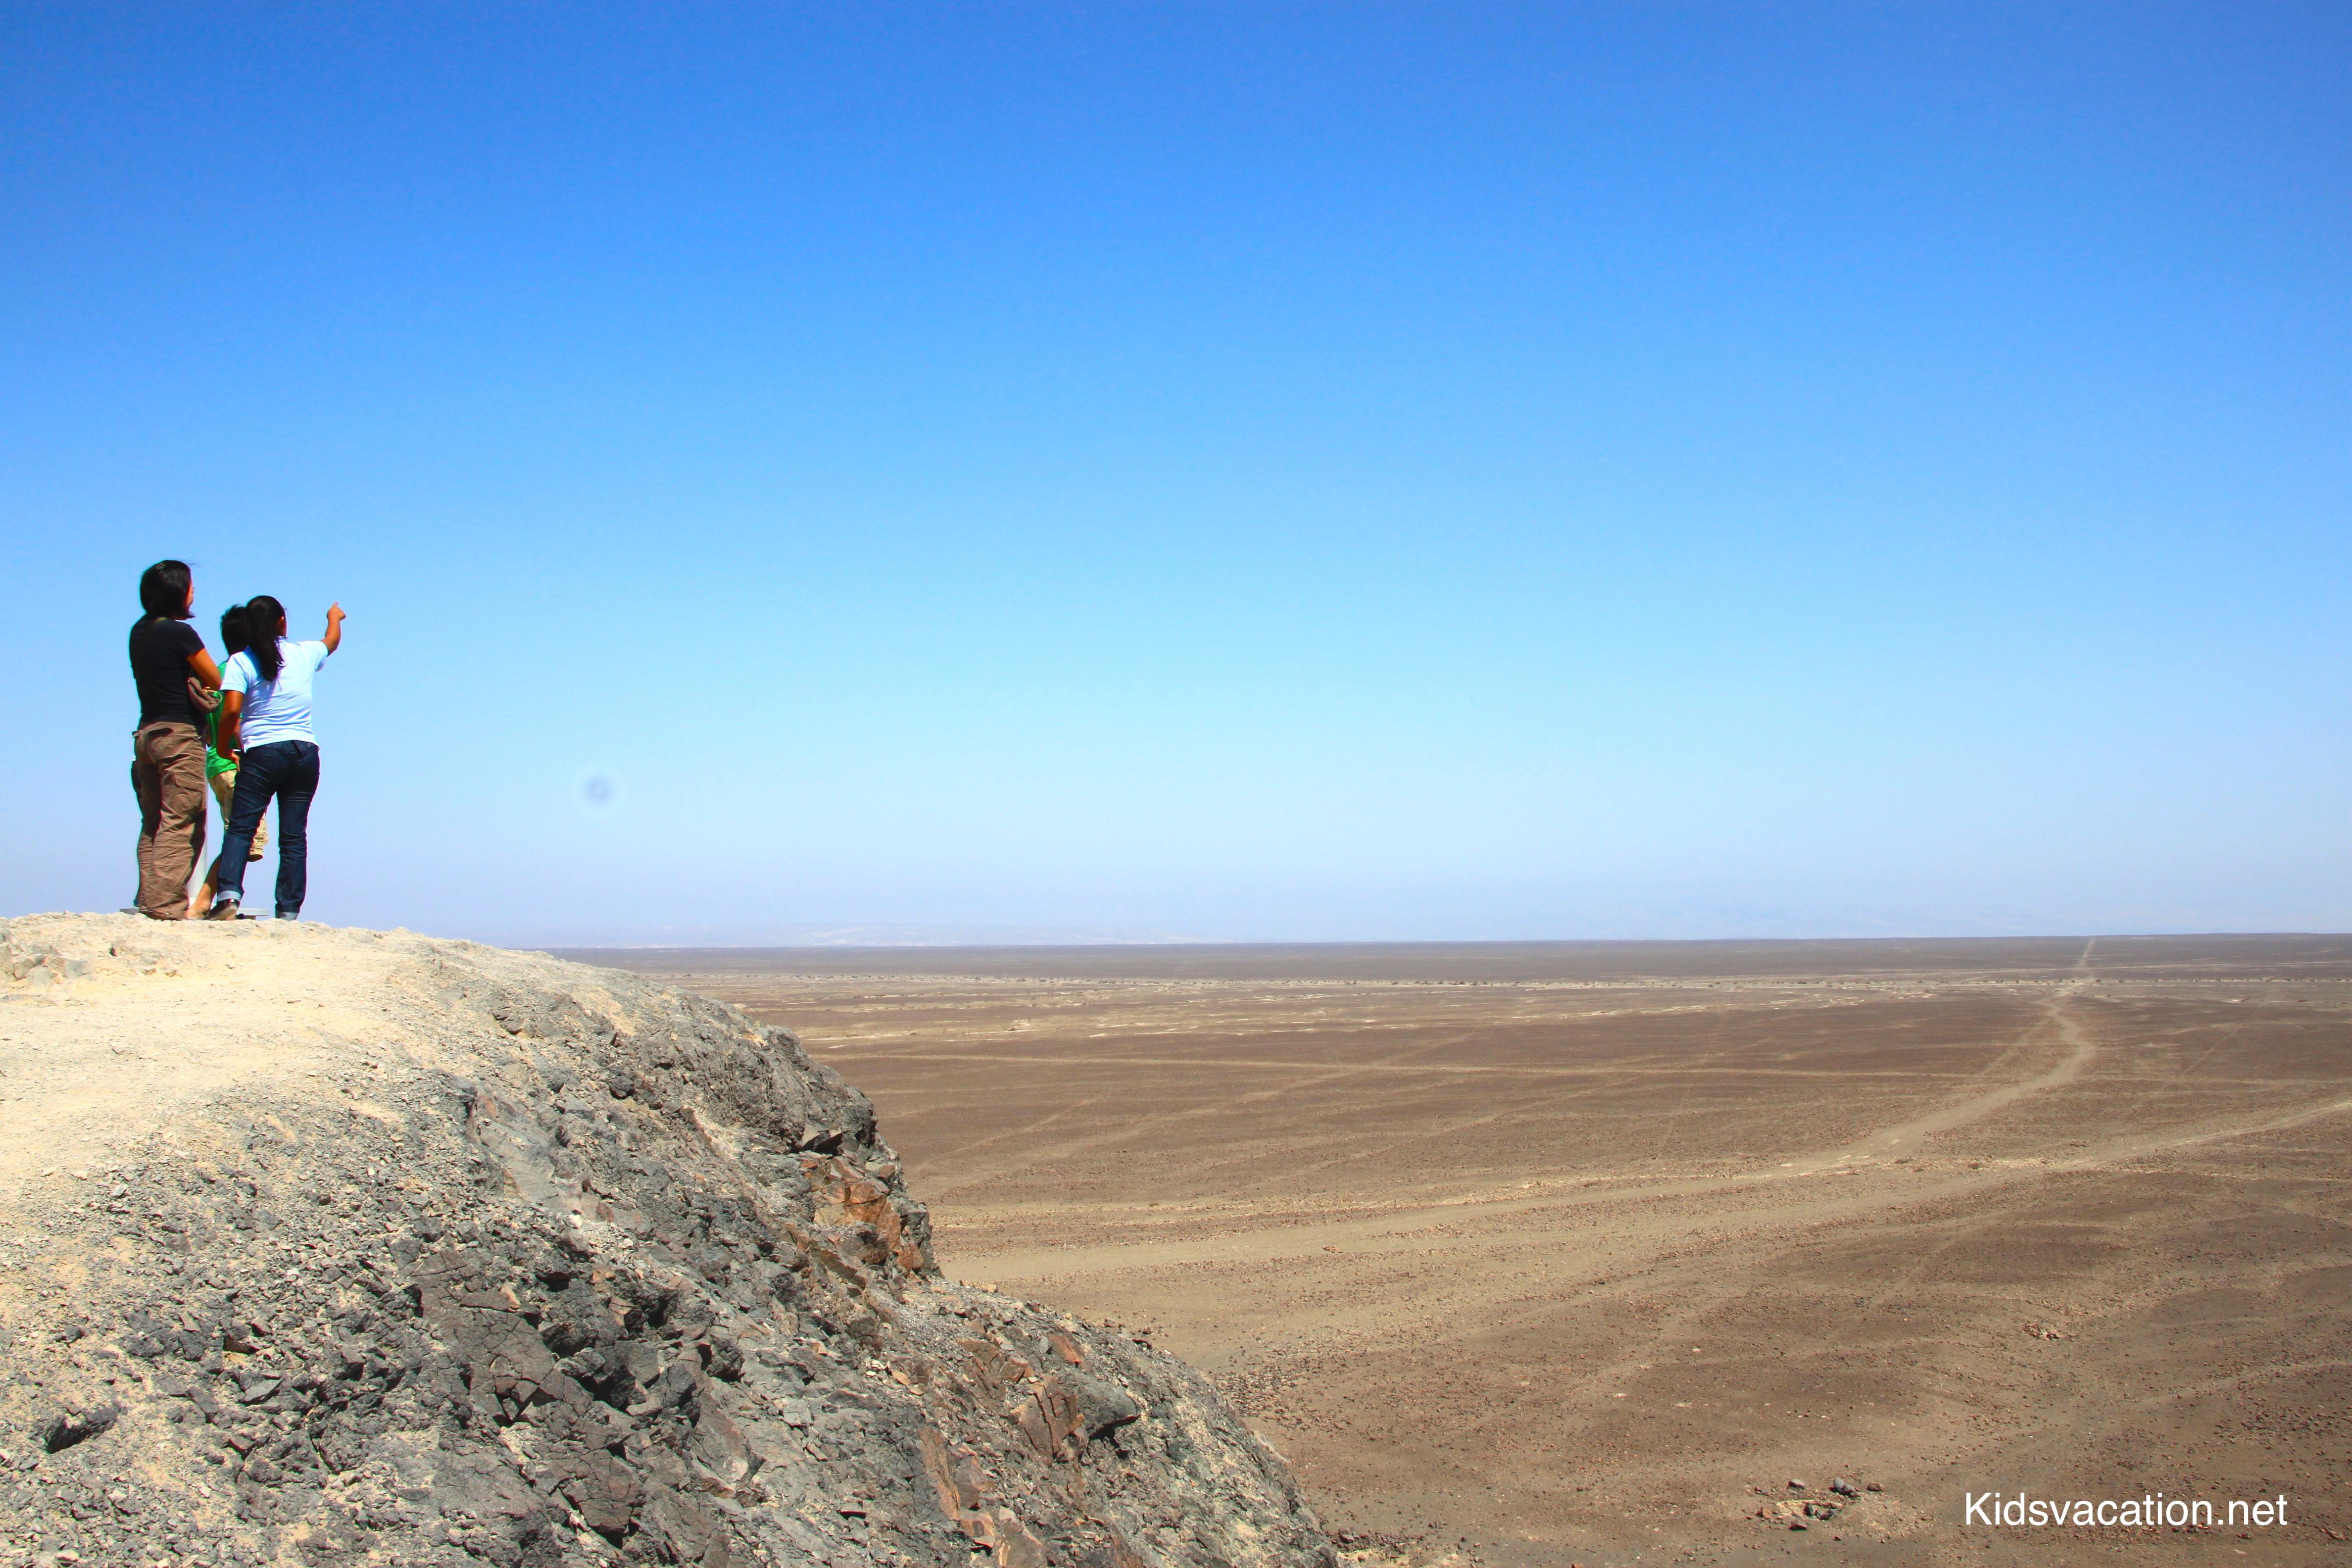 ナスカ平原を見渡すナチュラルミラドール